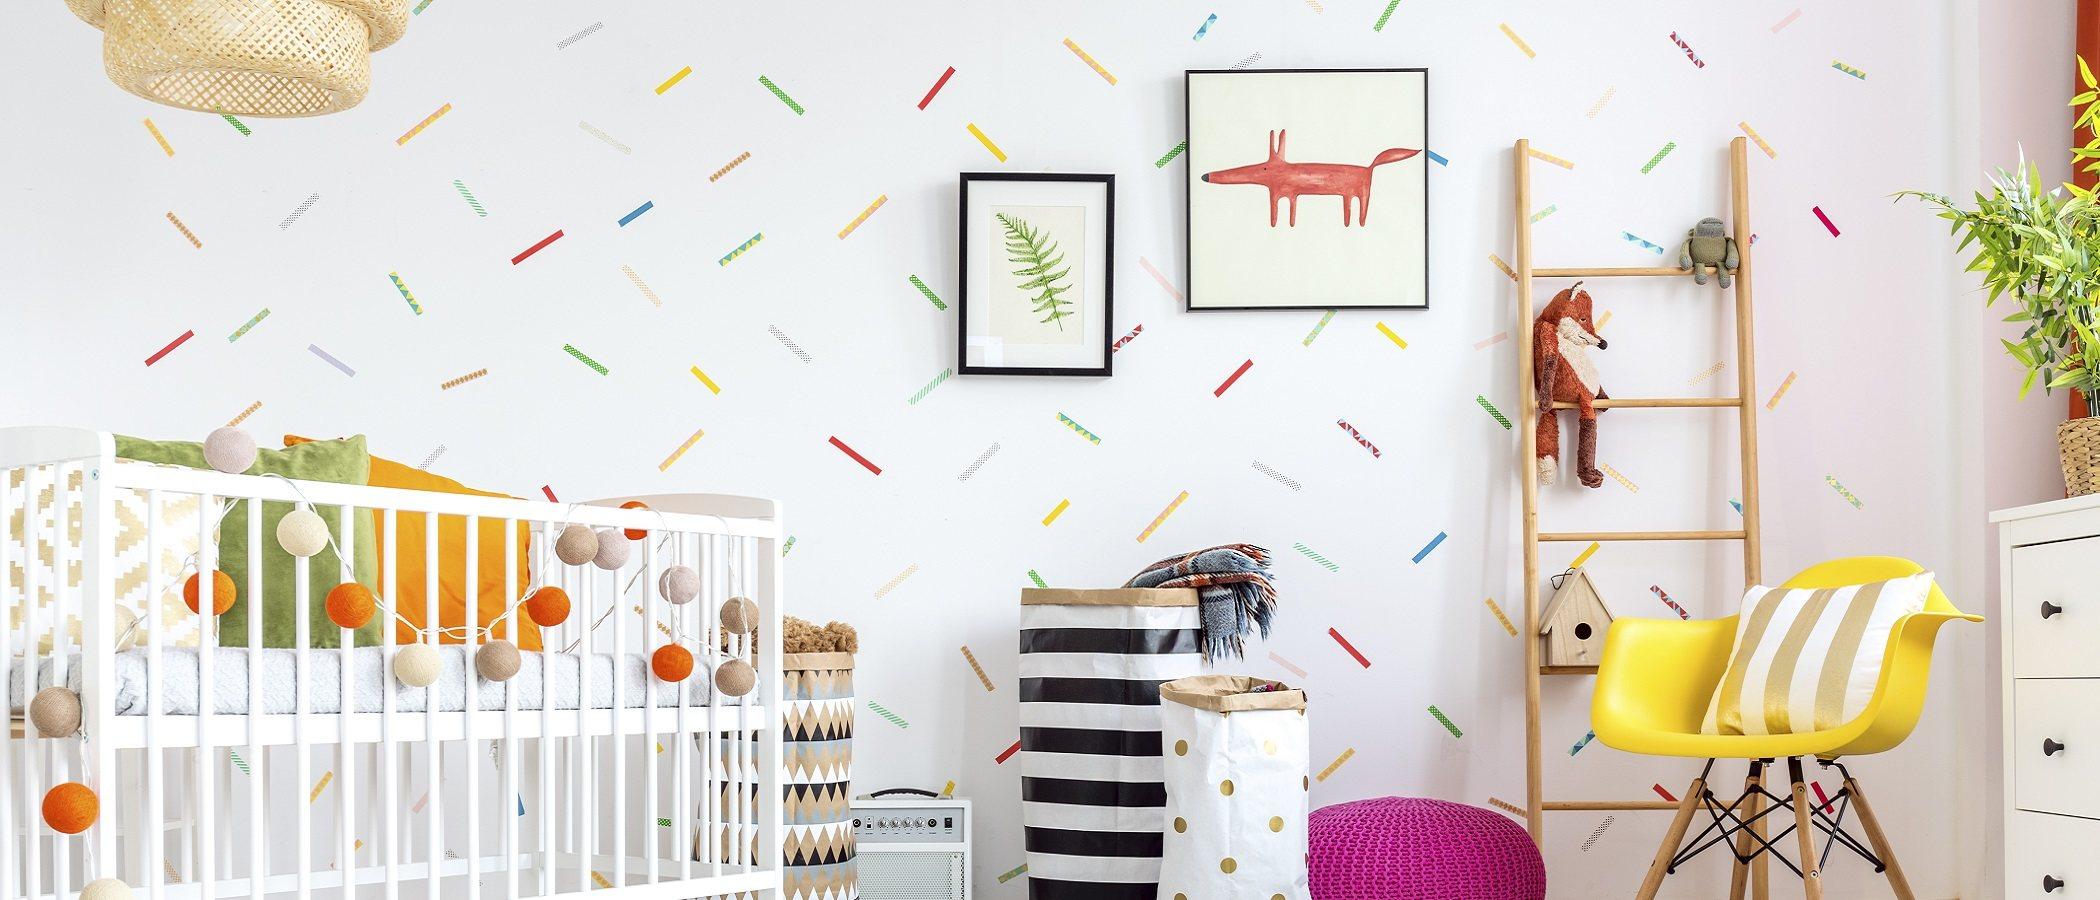 Claves para decorar el dormitorio de tu hijo de forma evolutiva